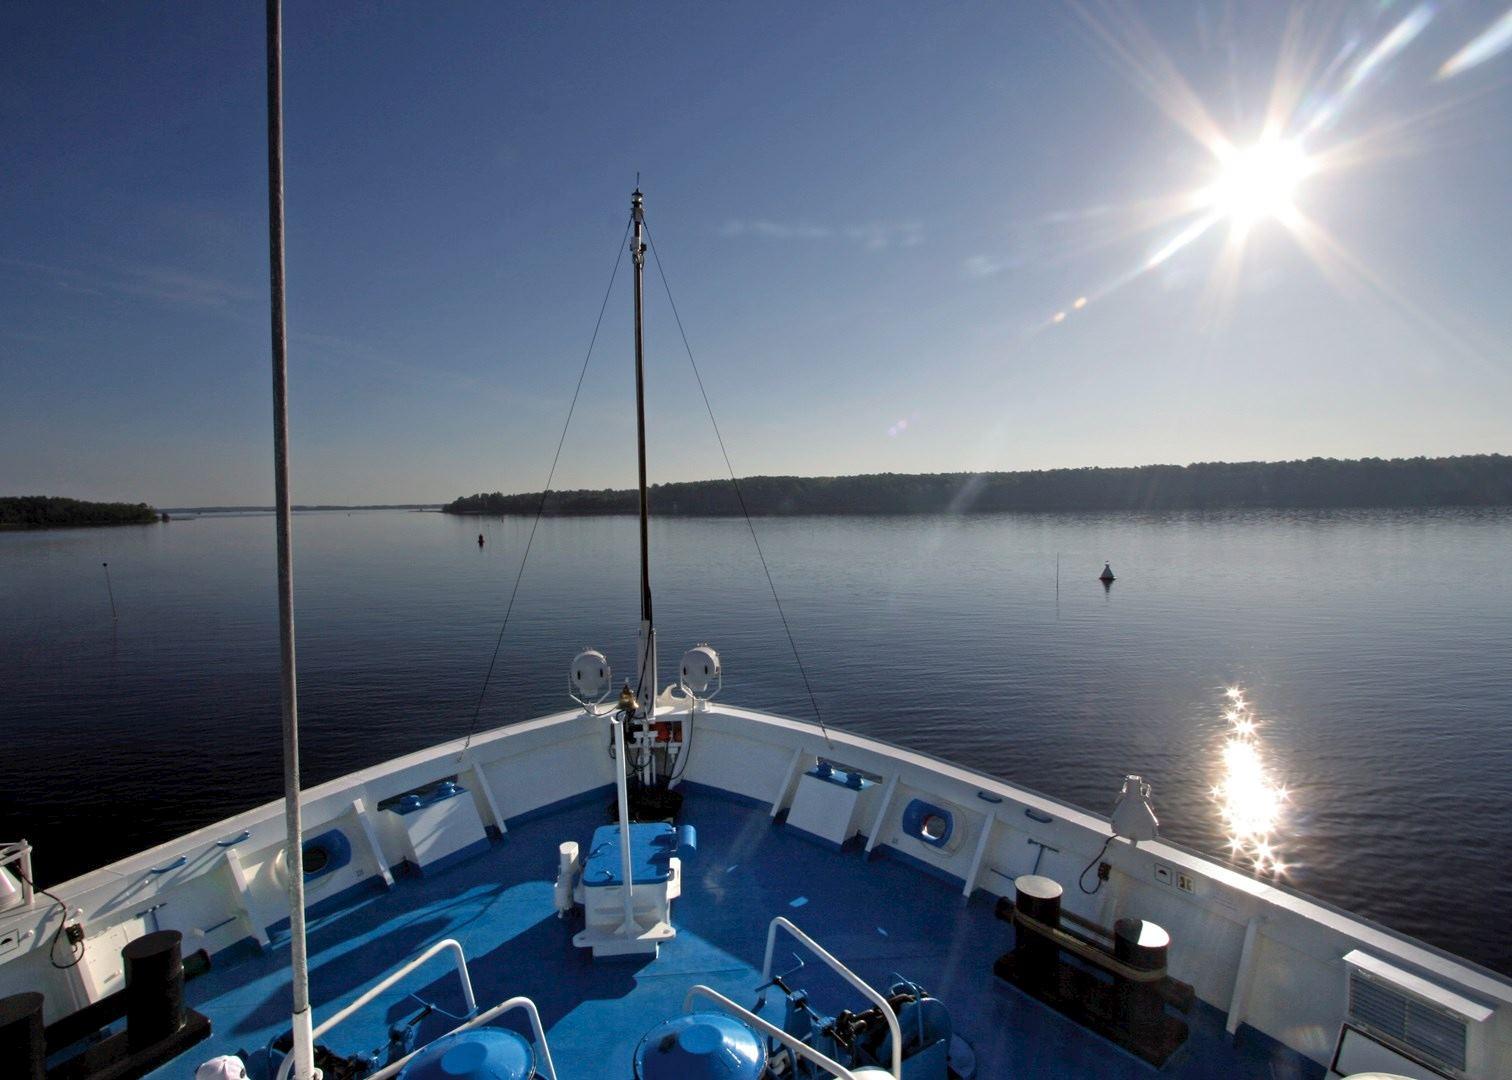 Volga Dream Cruise Russia Audley Travel